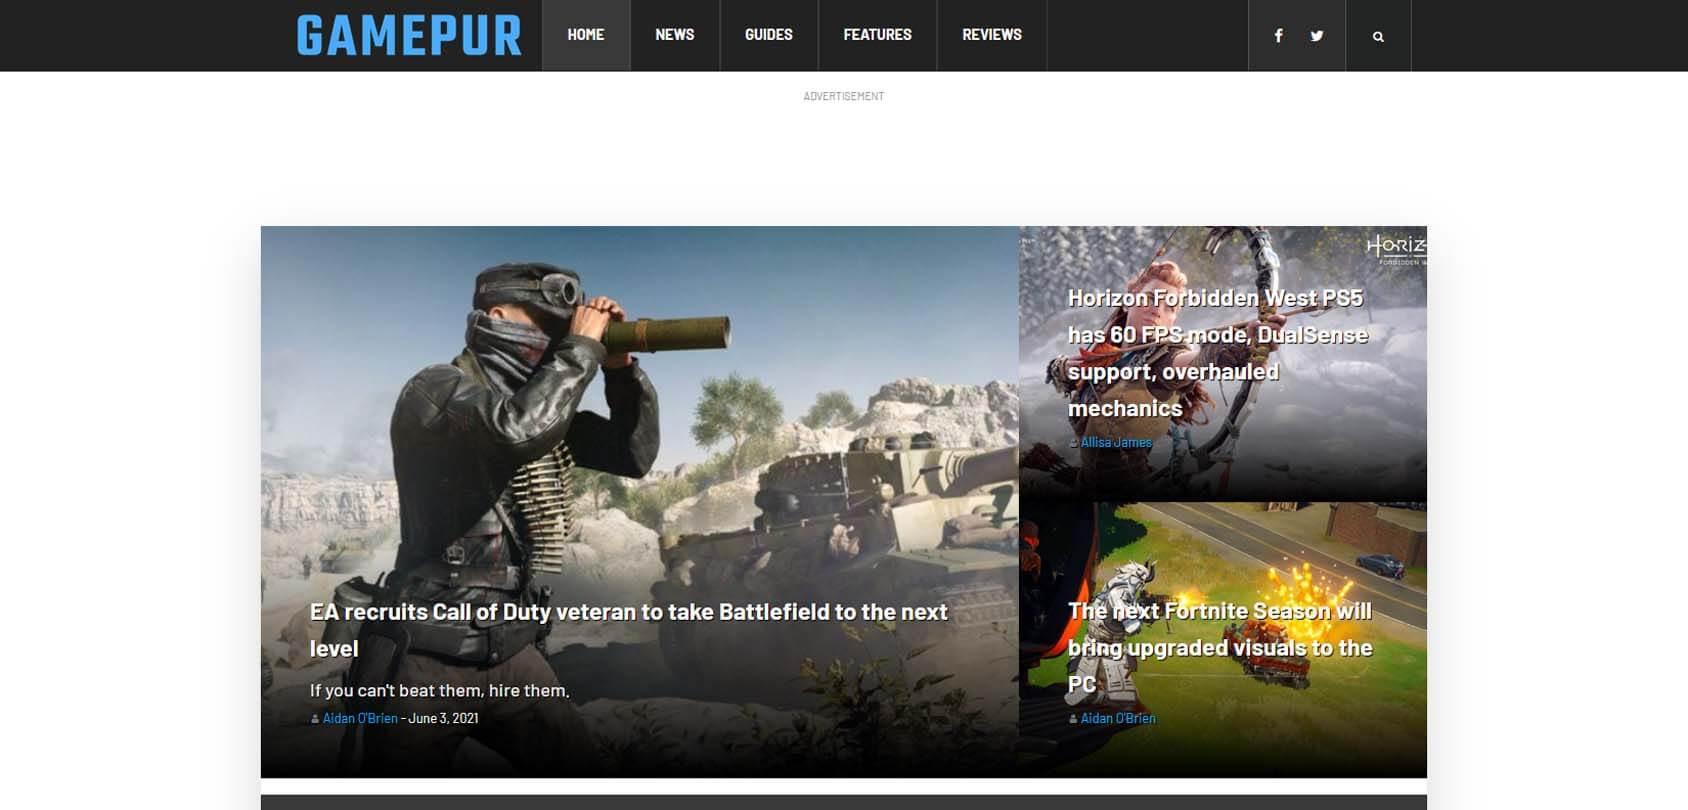 Gamepur Homepage